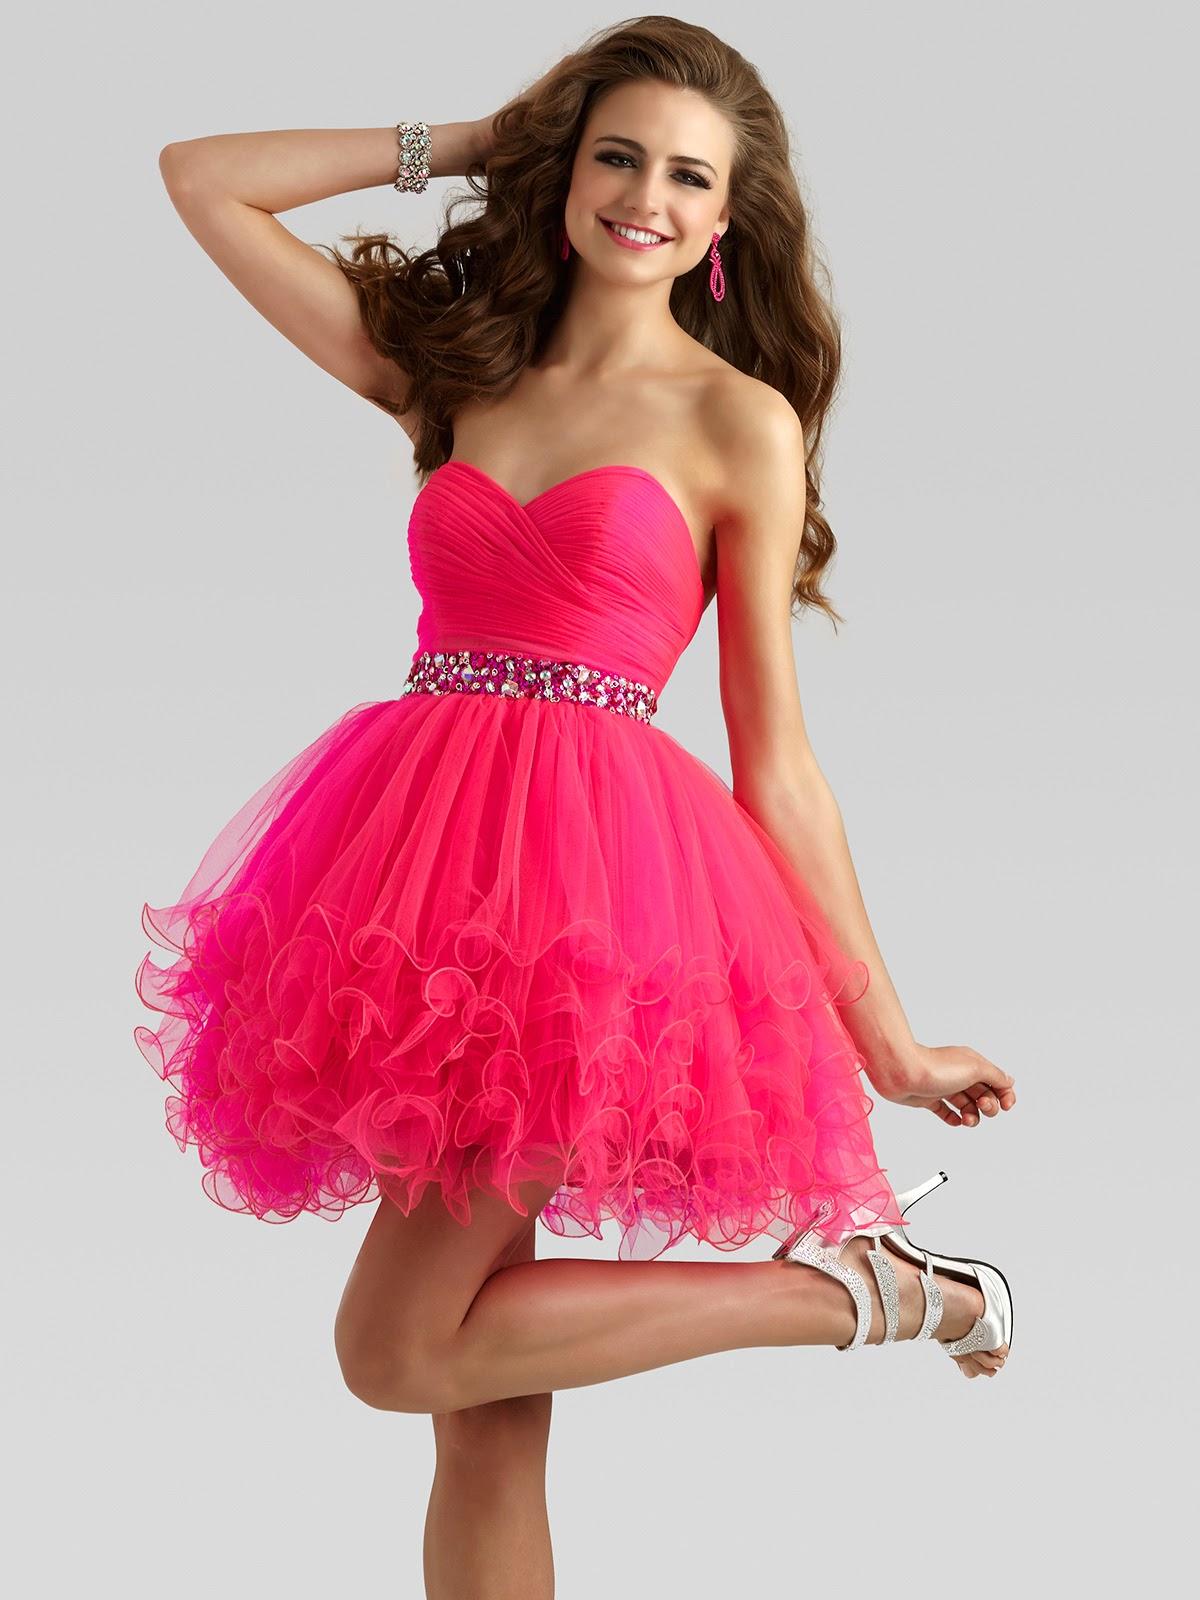 Grandiosos vestidos de quince a os dise os incre bles de - Coole partykleider ...